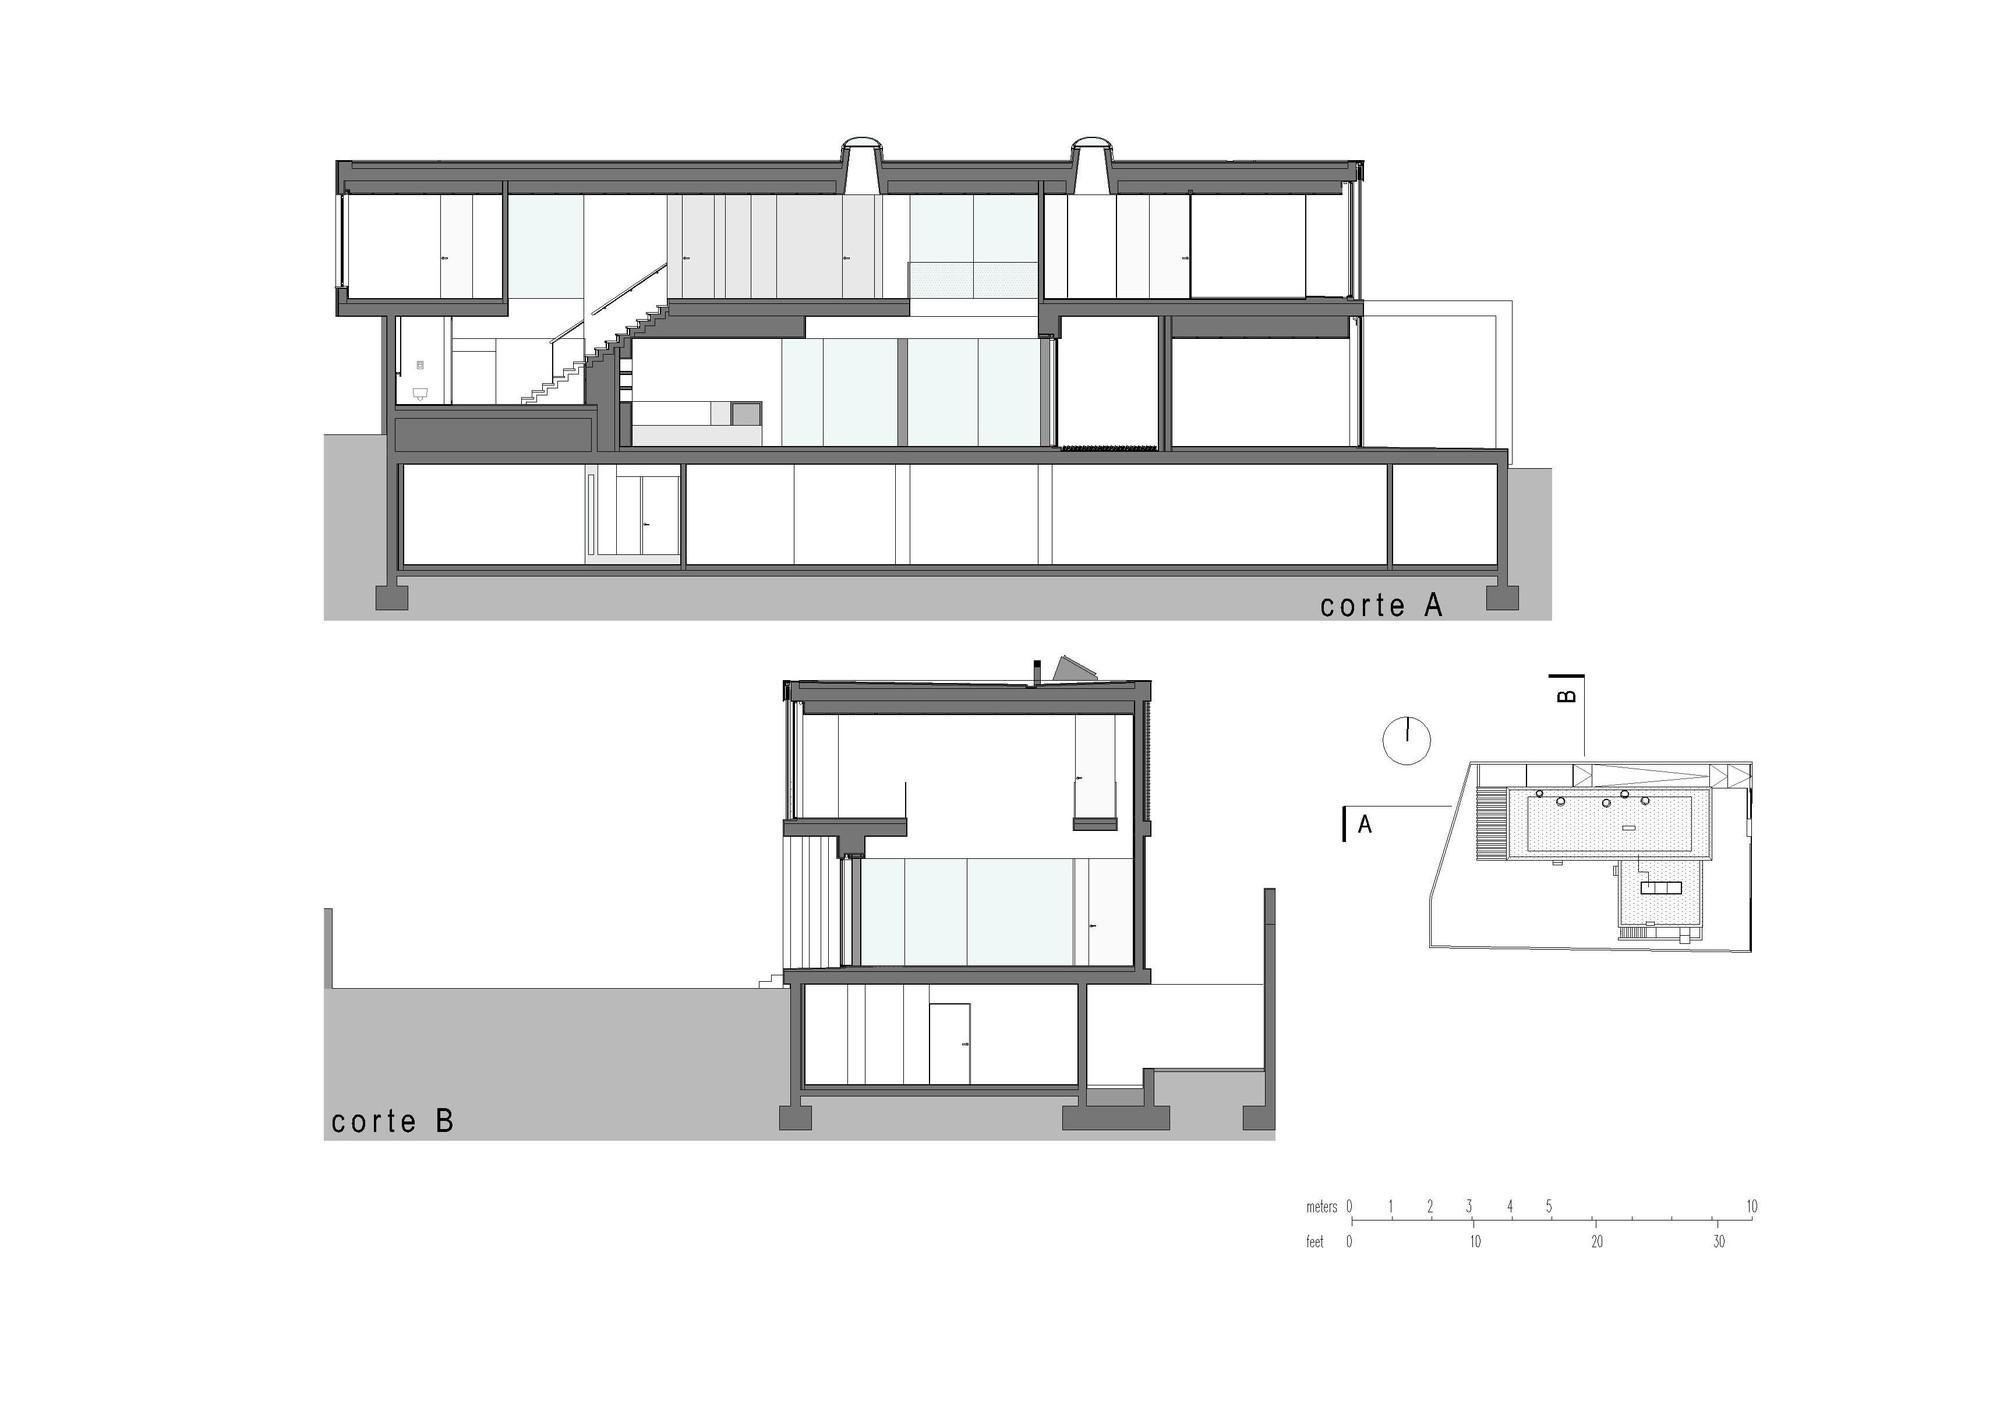 Cortes. Imagen Cortesía de Leonor Duarte Ferreira + pmc arquitectos - Miguel Passos de Almeida y Carlos Sousa Coelho